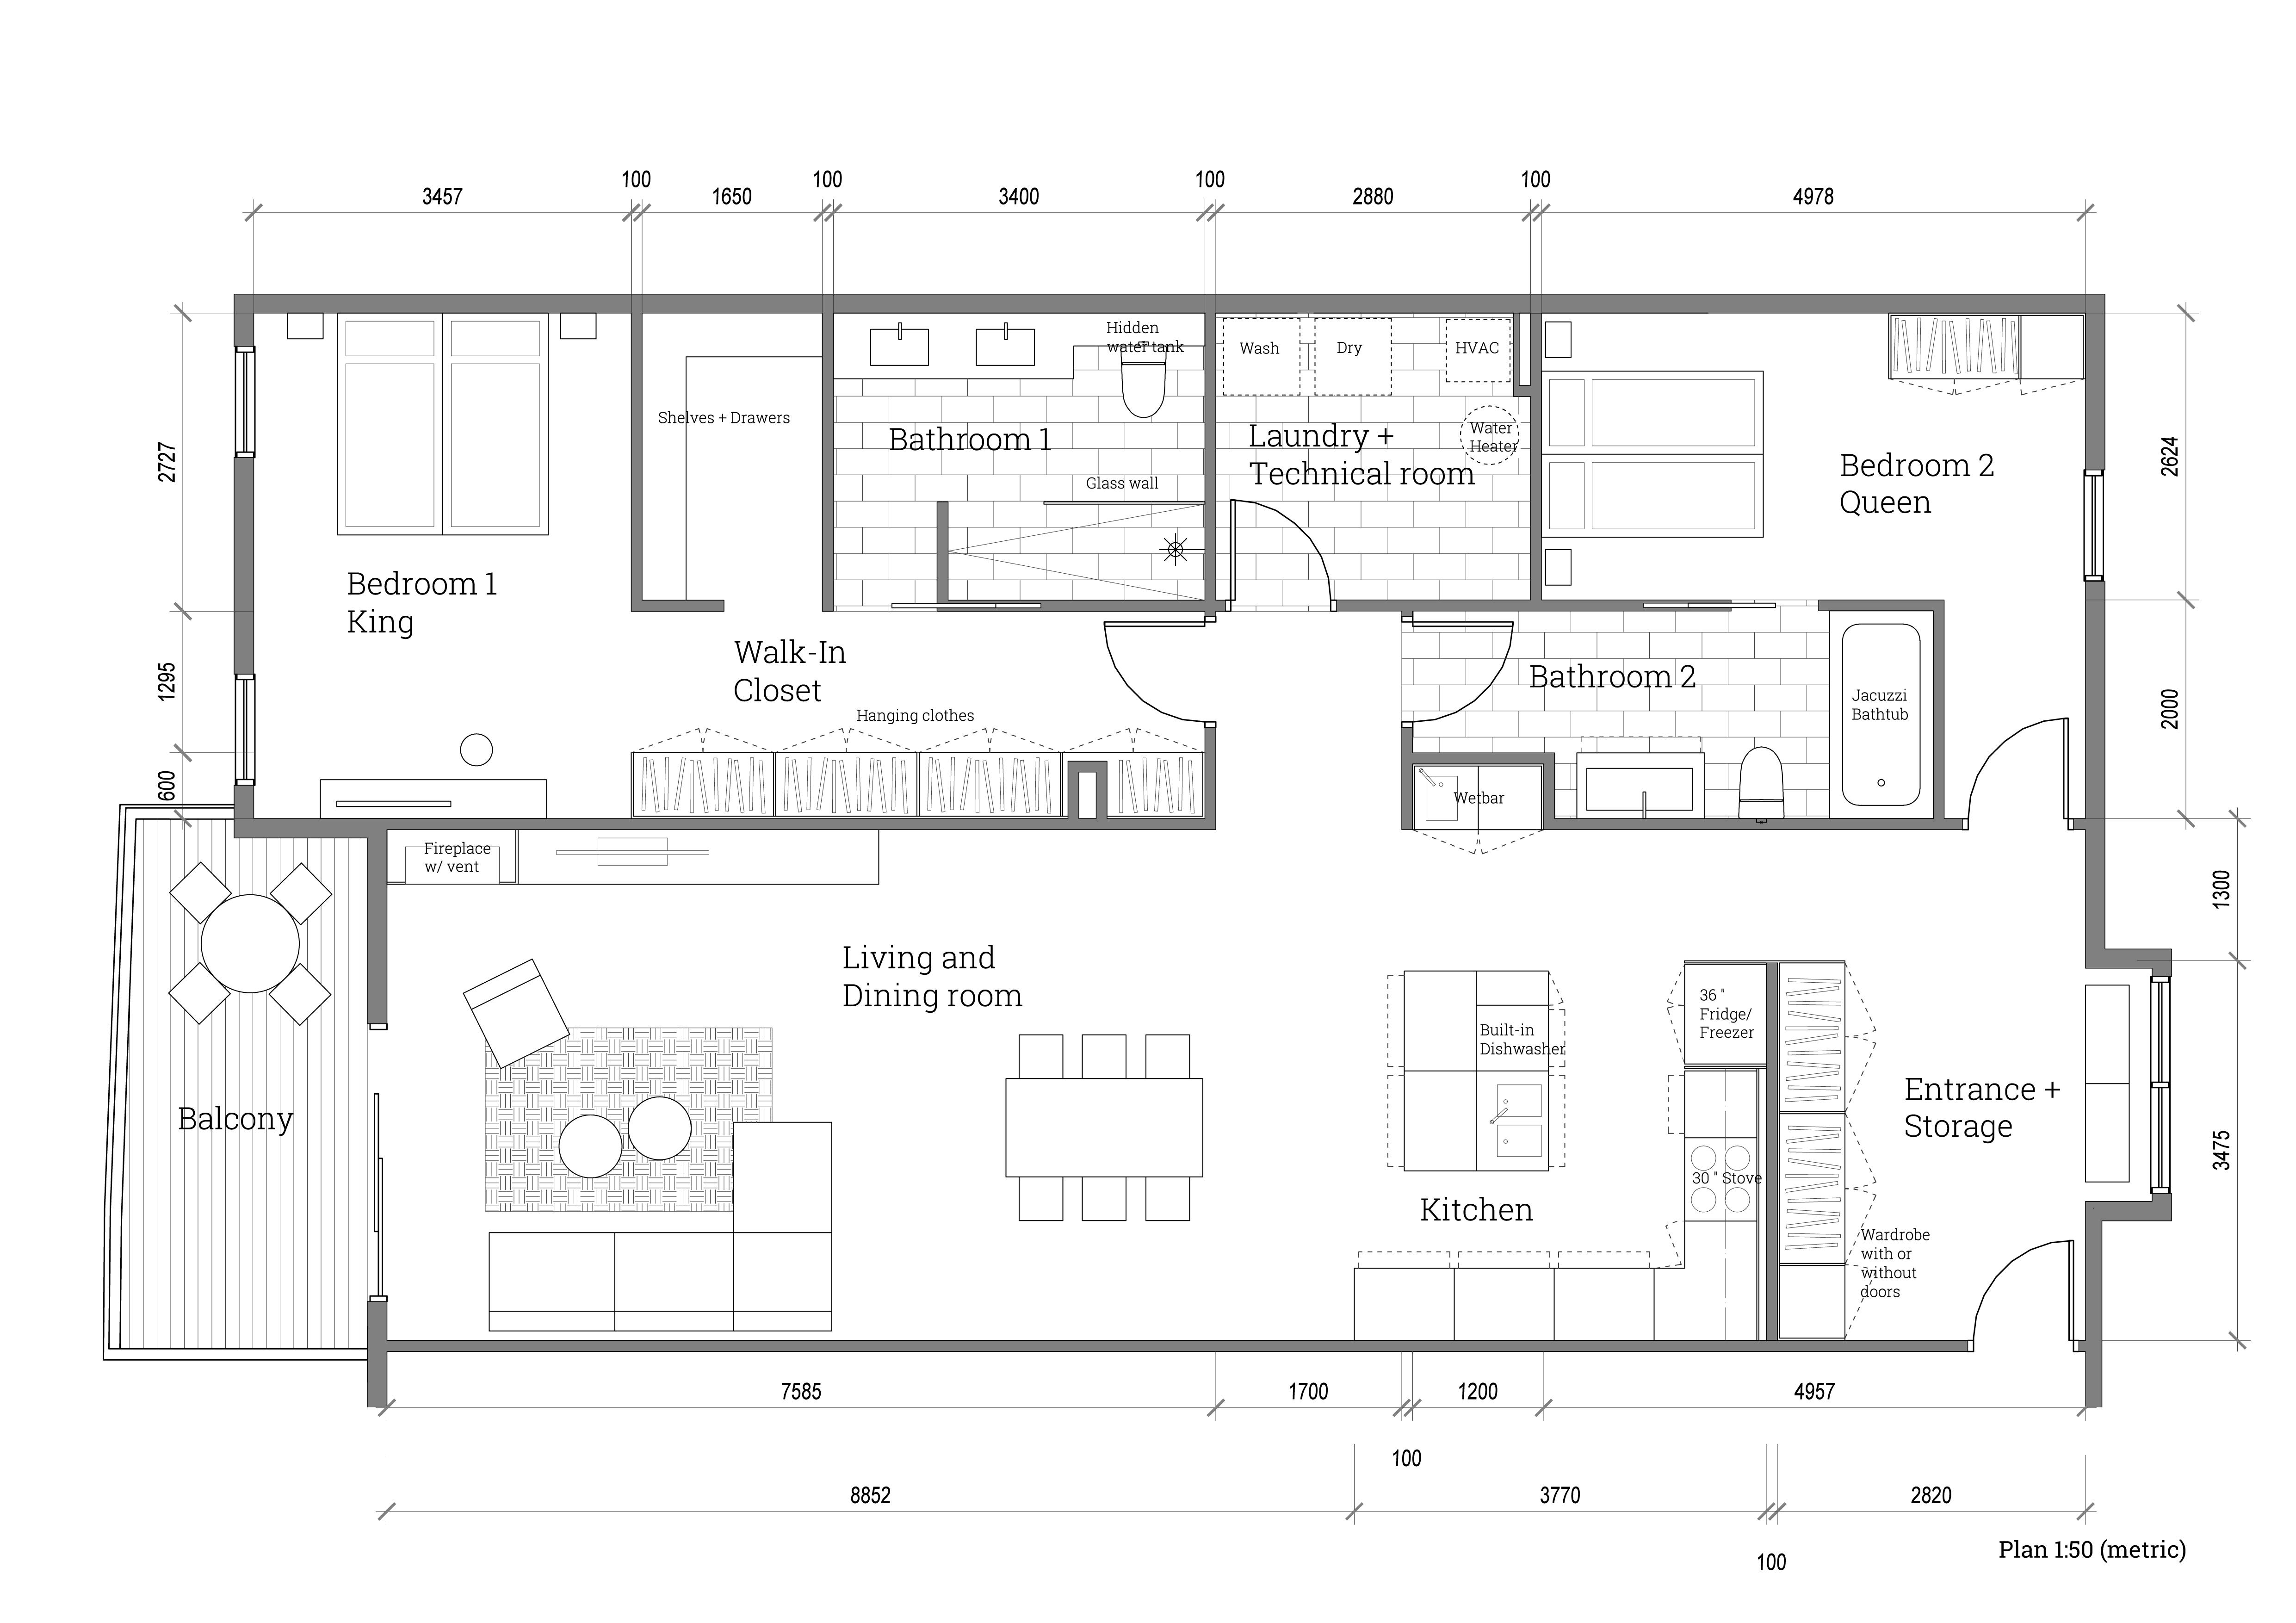 16 Top Photos Ideas For Small Condo Floor Plans